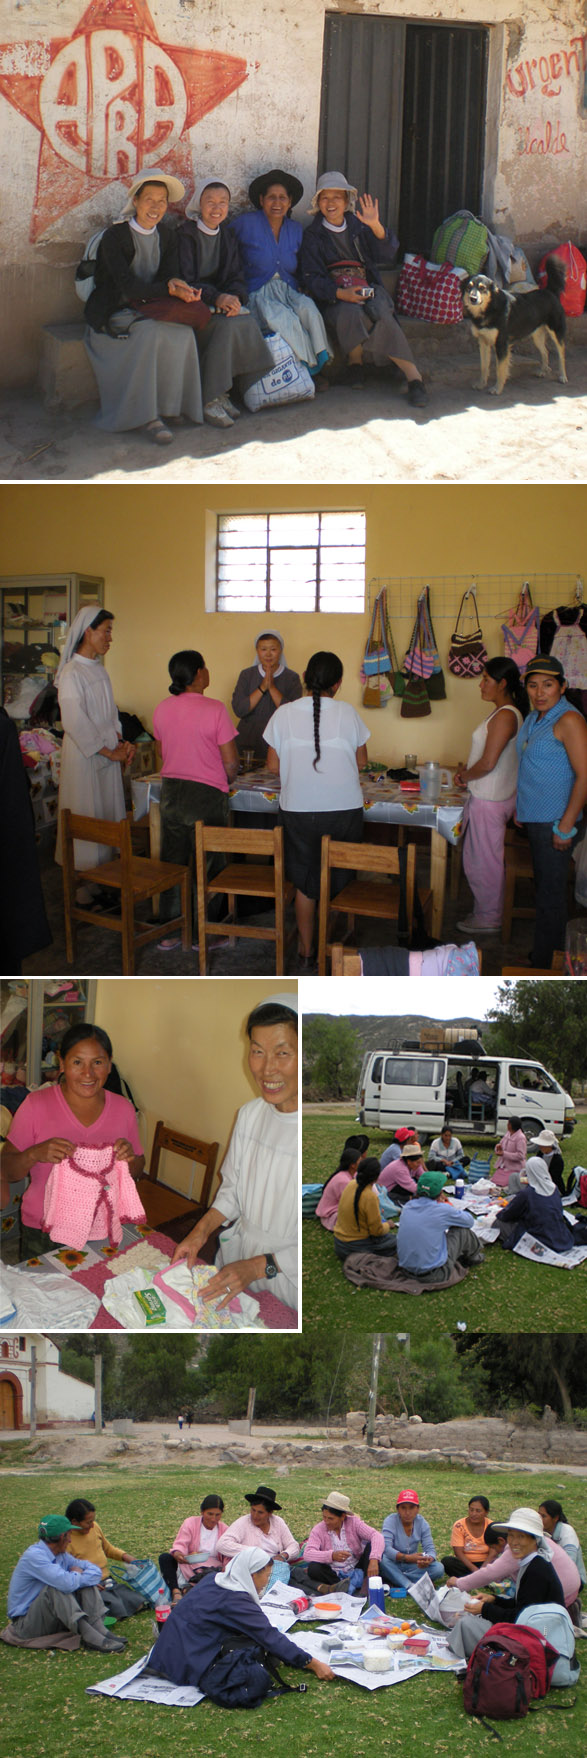 깐가리 부녀회 + 아야꾸쵸 교구 선교 200주년 기념미사 및 소풍.. 깐가리 주민분들은 깍두기인 나를 친절히 반겨주셨다